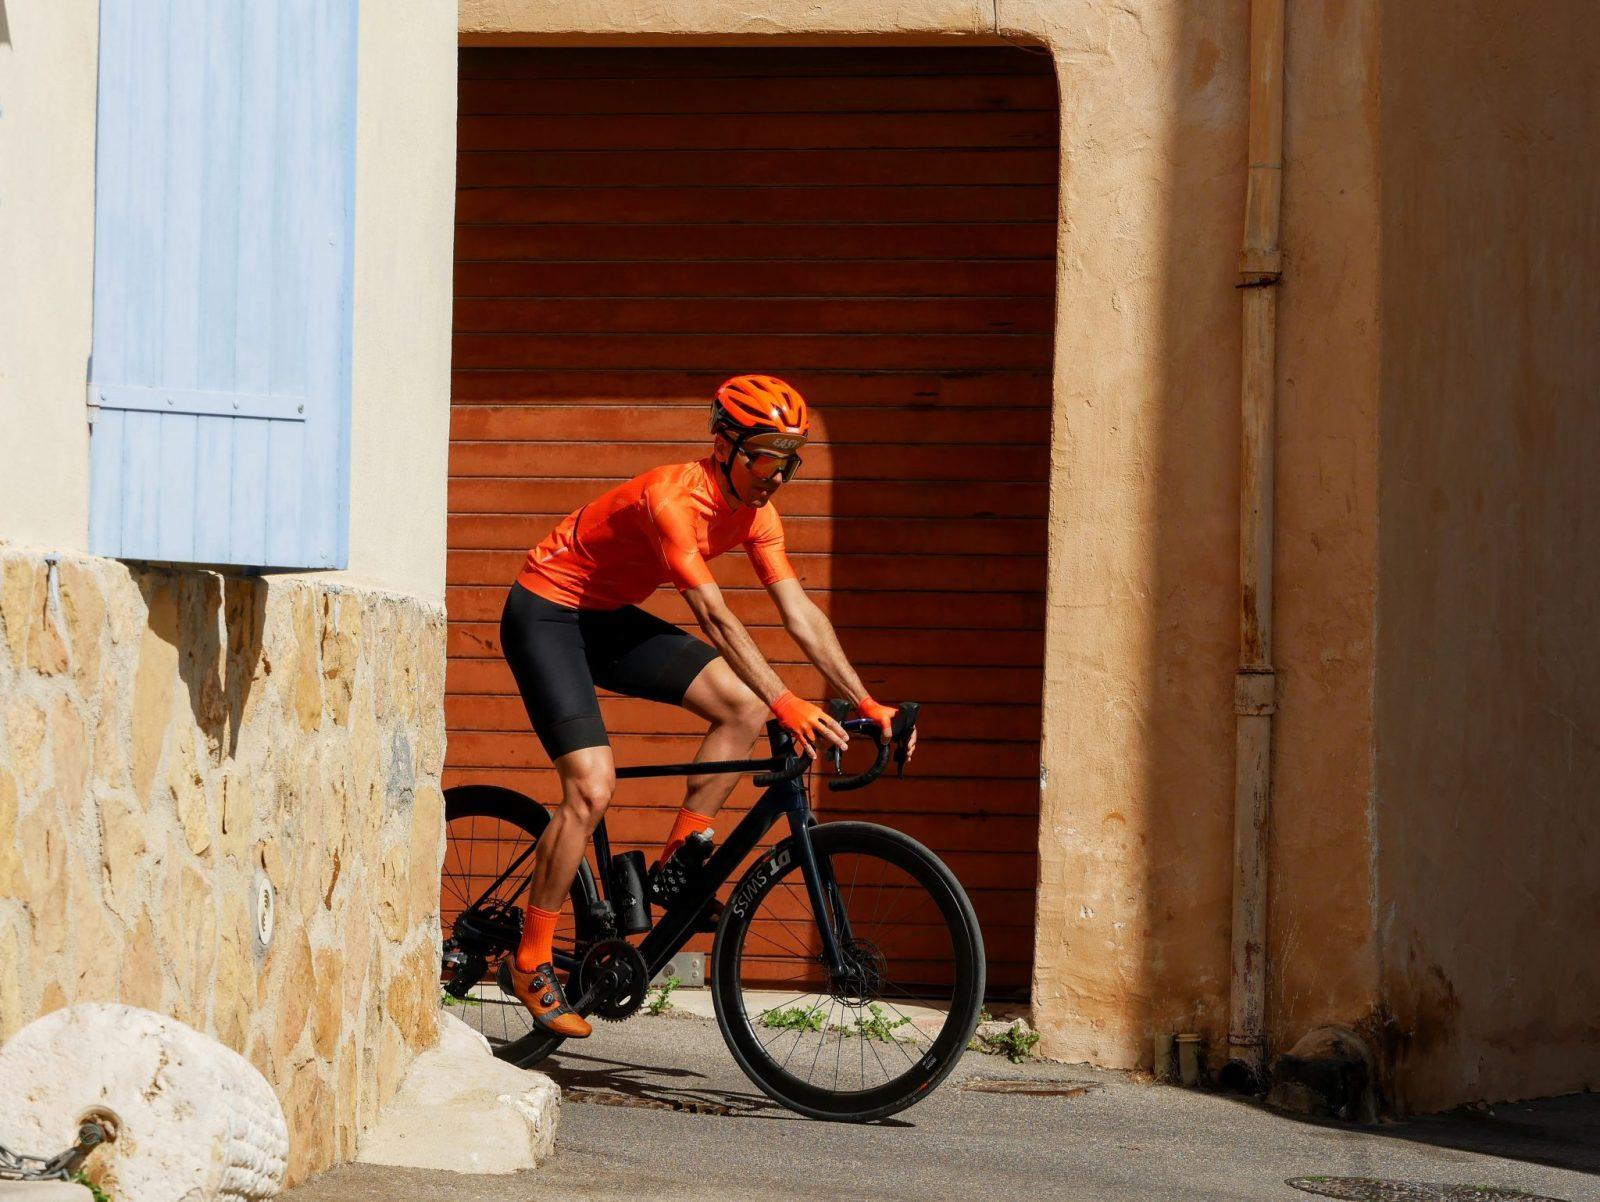 Cycliste dans la rue maillot orange, cuissard